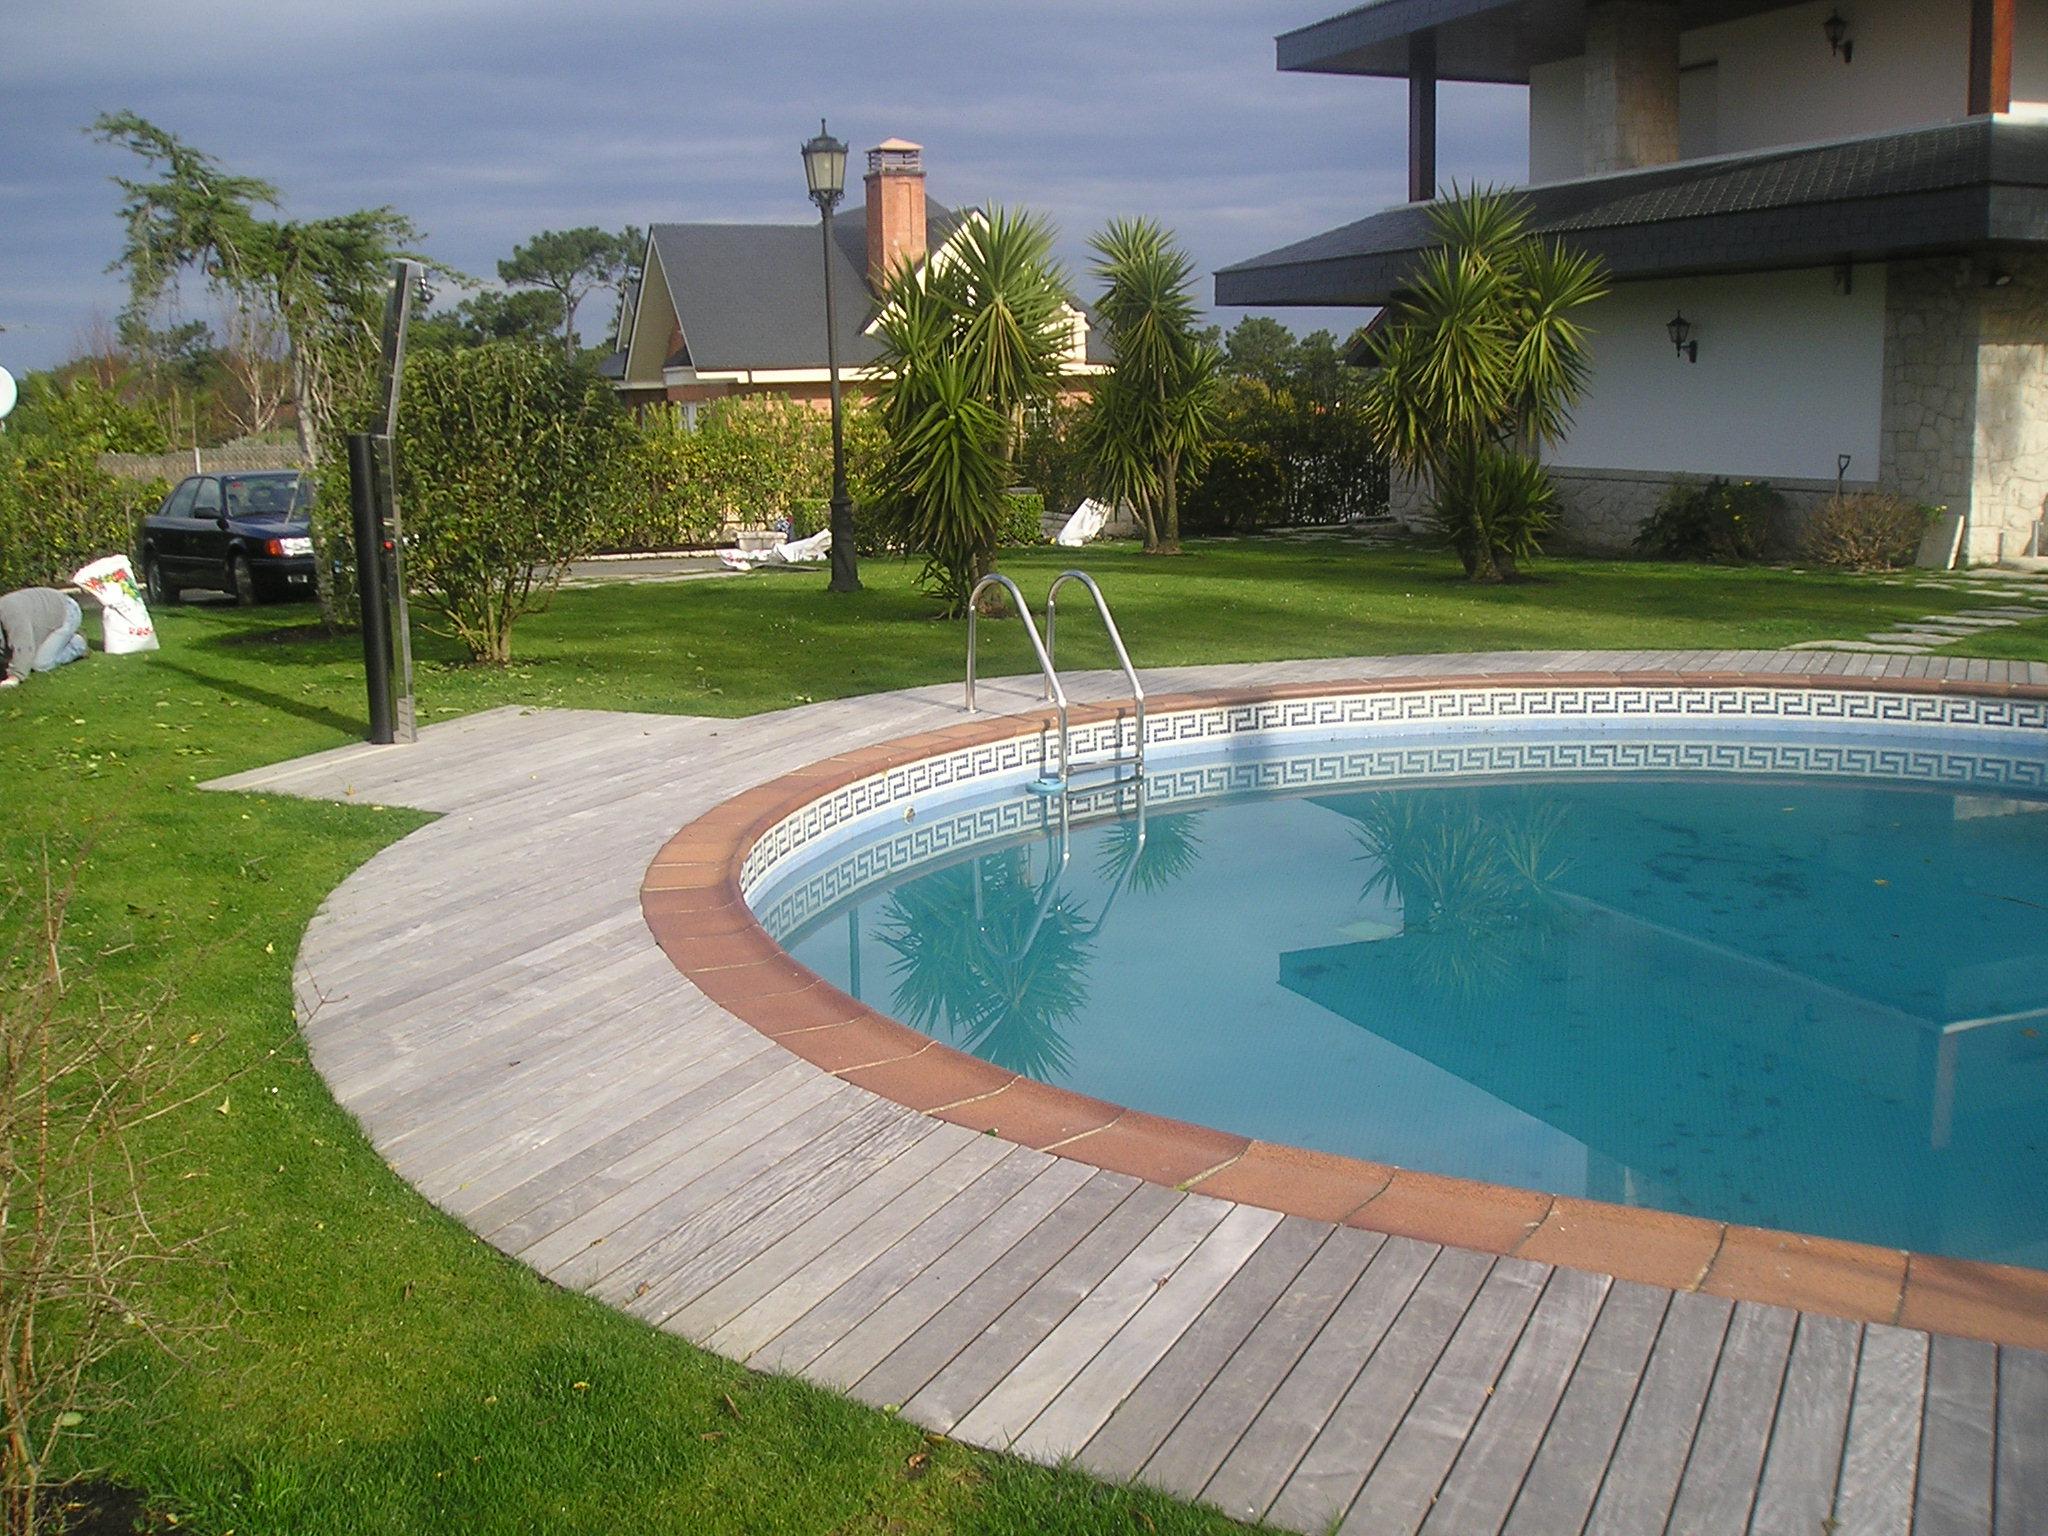 Trabajos realizados Construcci n y mantenimiento de piscinas